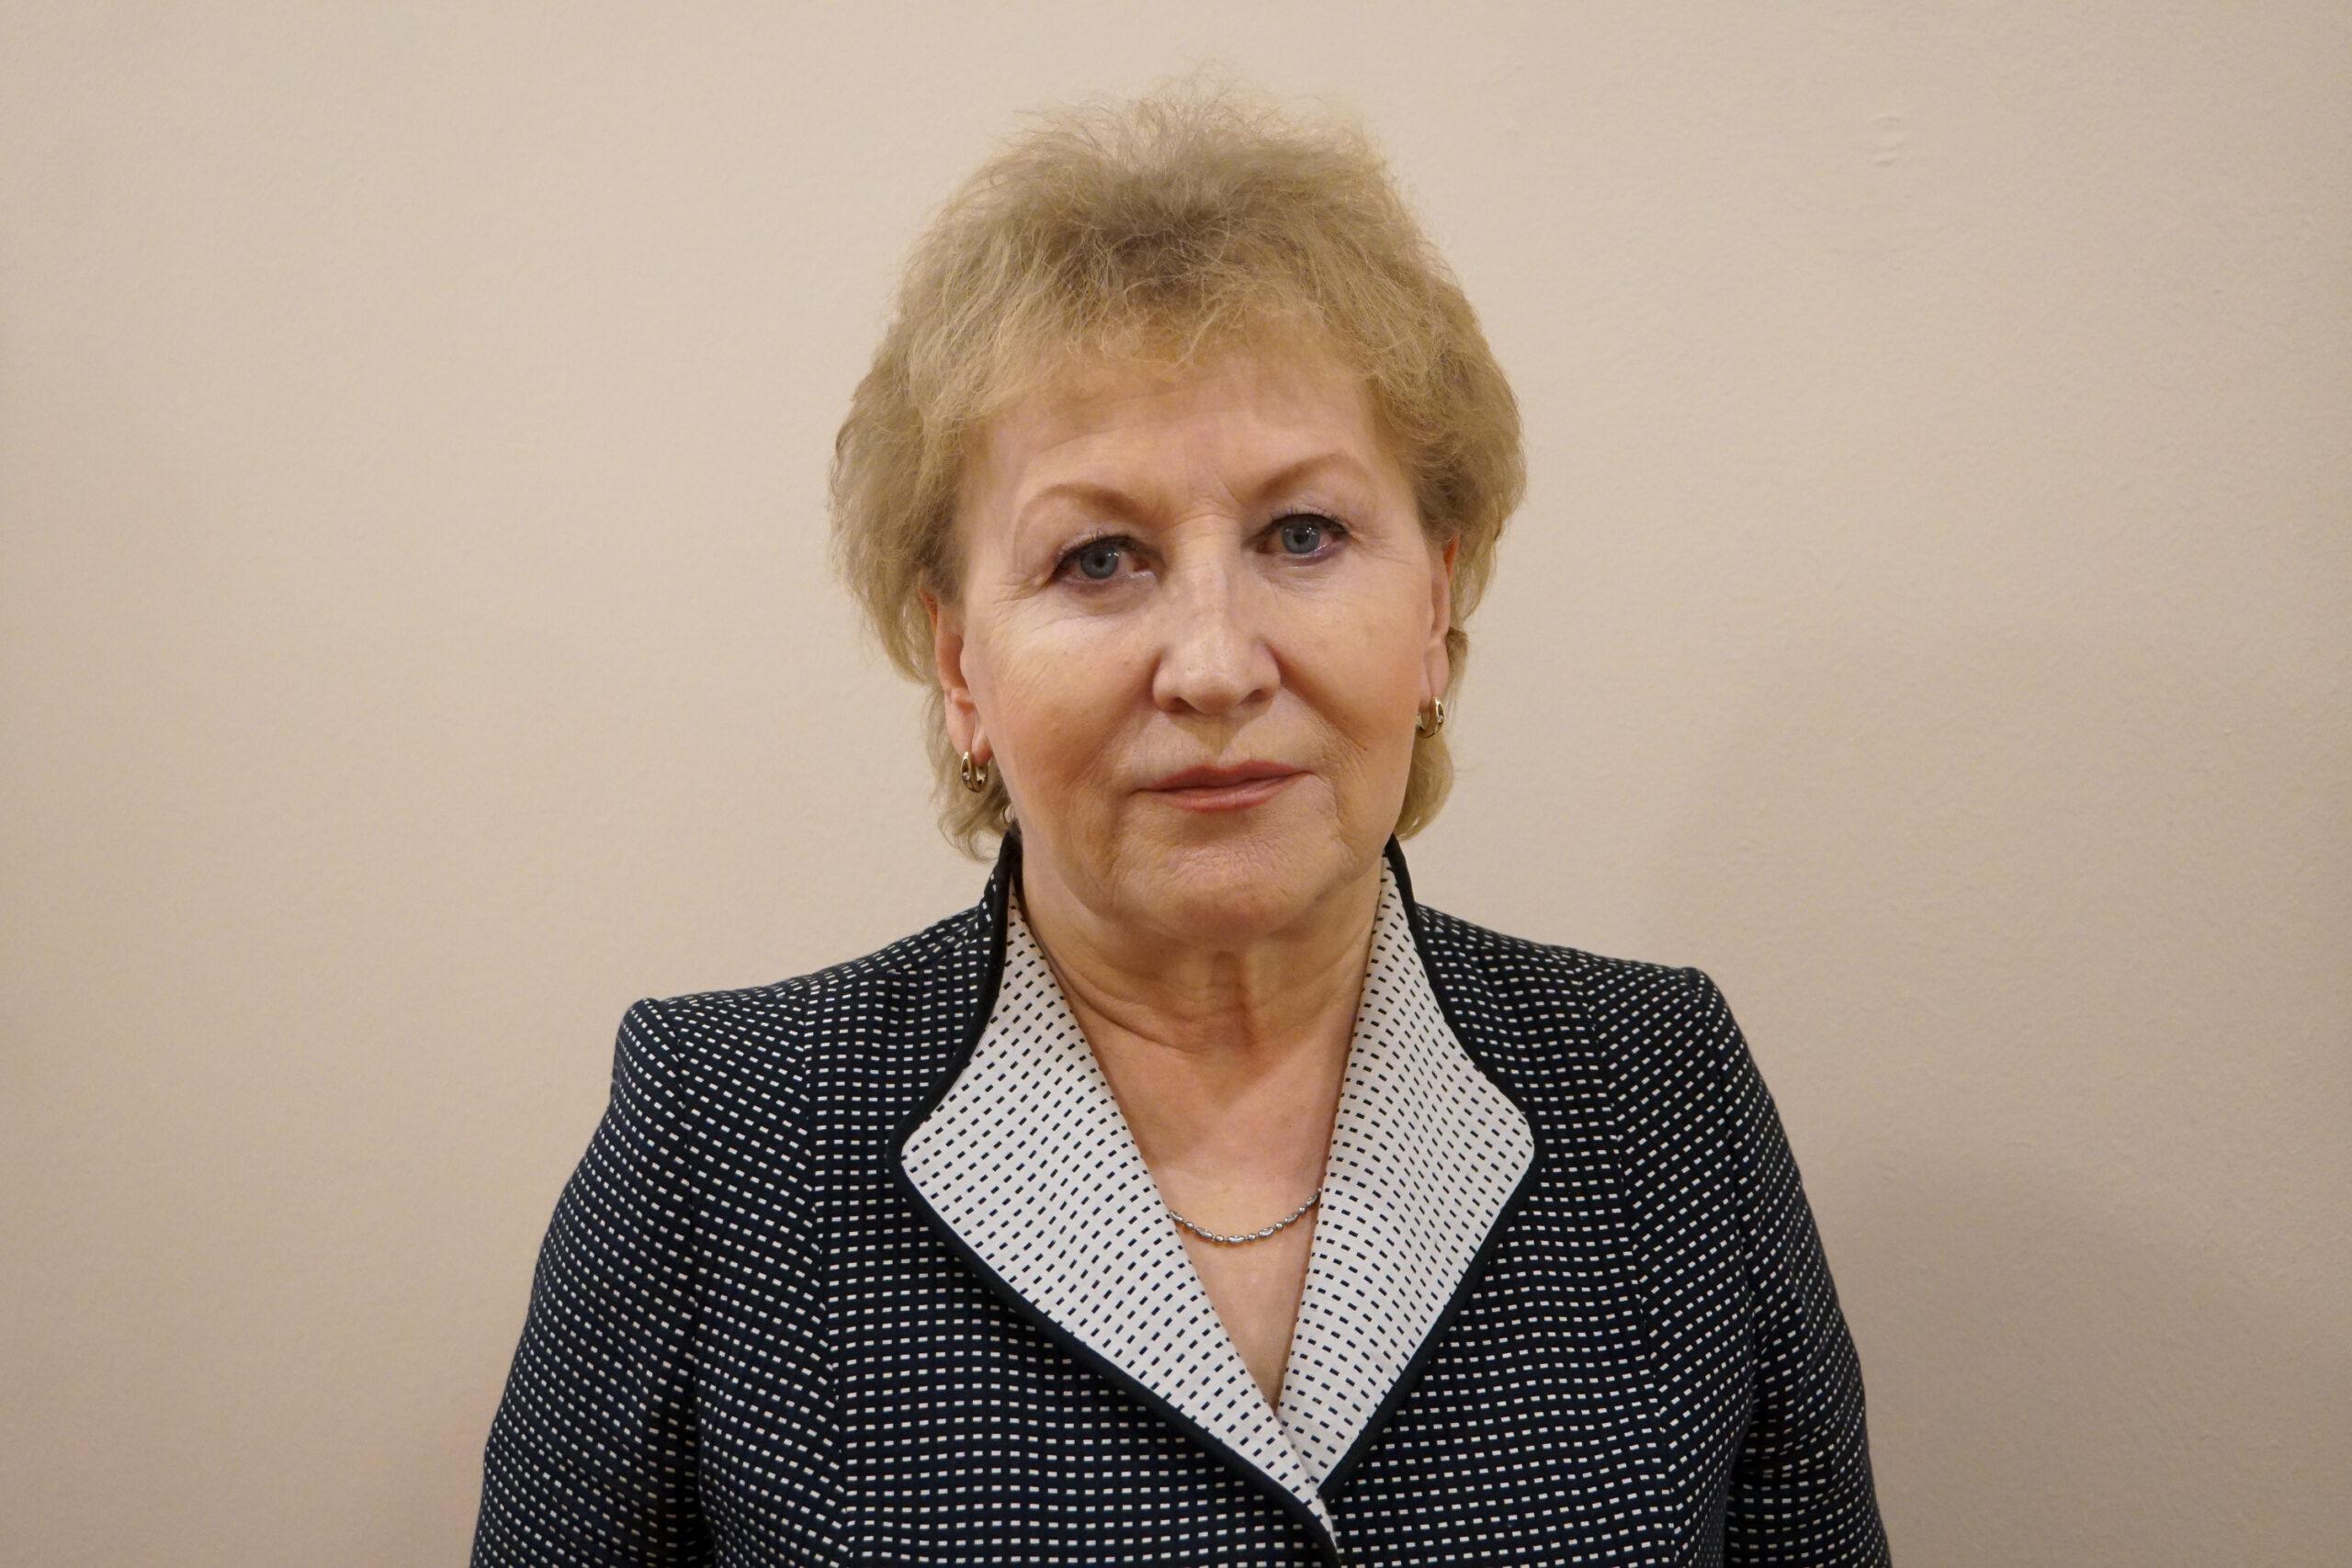 Экс-министра здравоохранения Иркутска задержали по подозрению в мошенничестве на 25 млн рублей